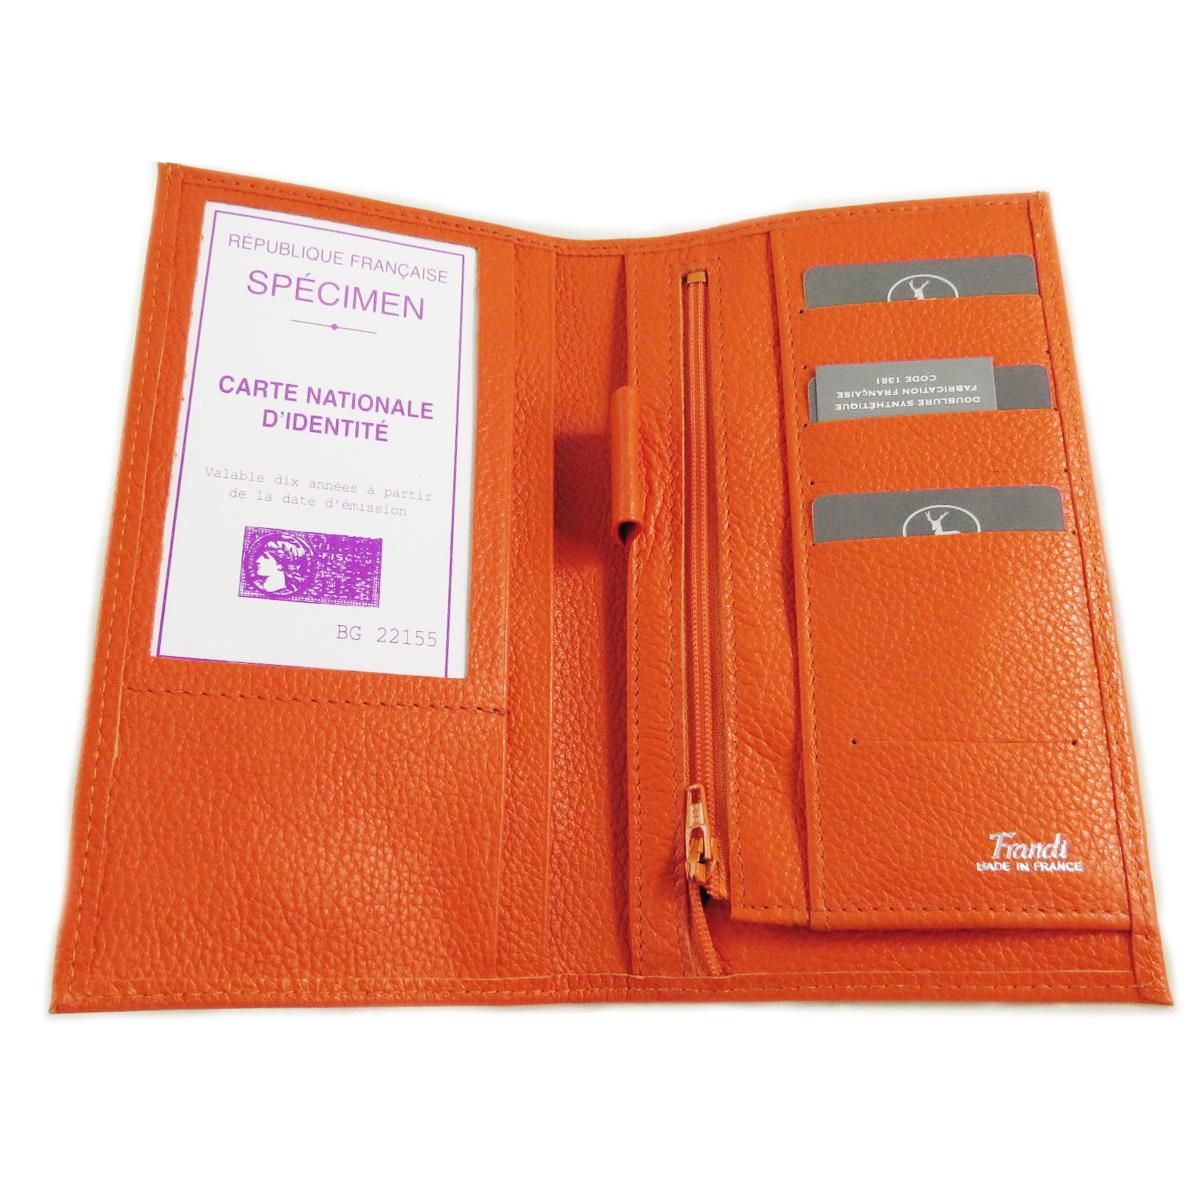 Porte-chéquier Cuir \'Frandi\' orange grainé - 18x11 cm - [A1057]